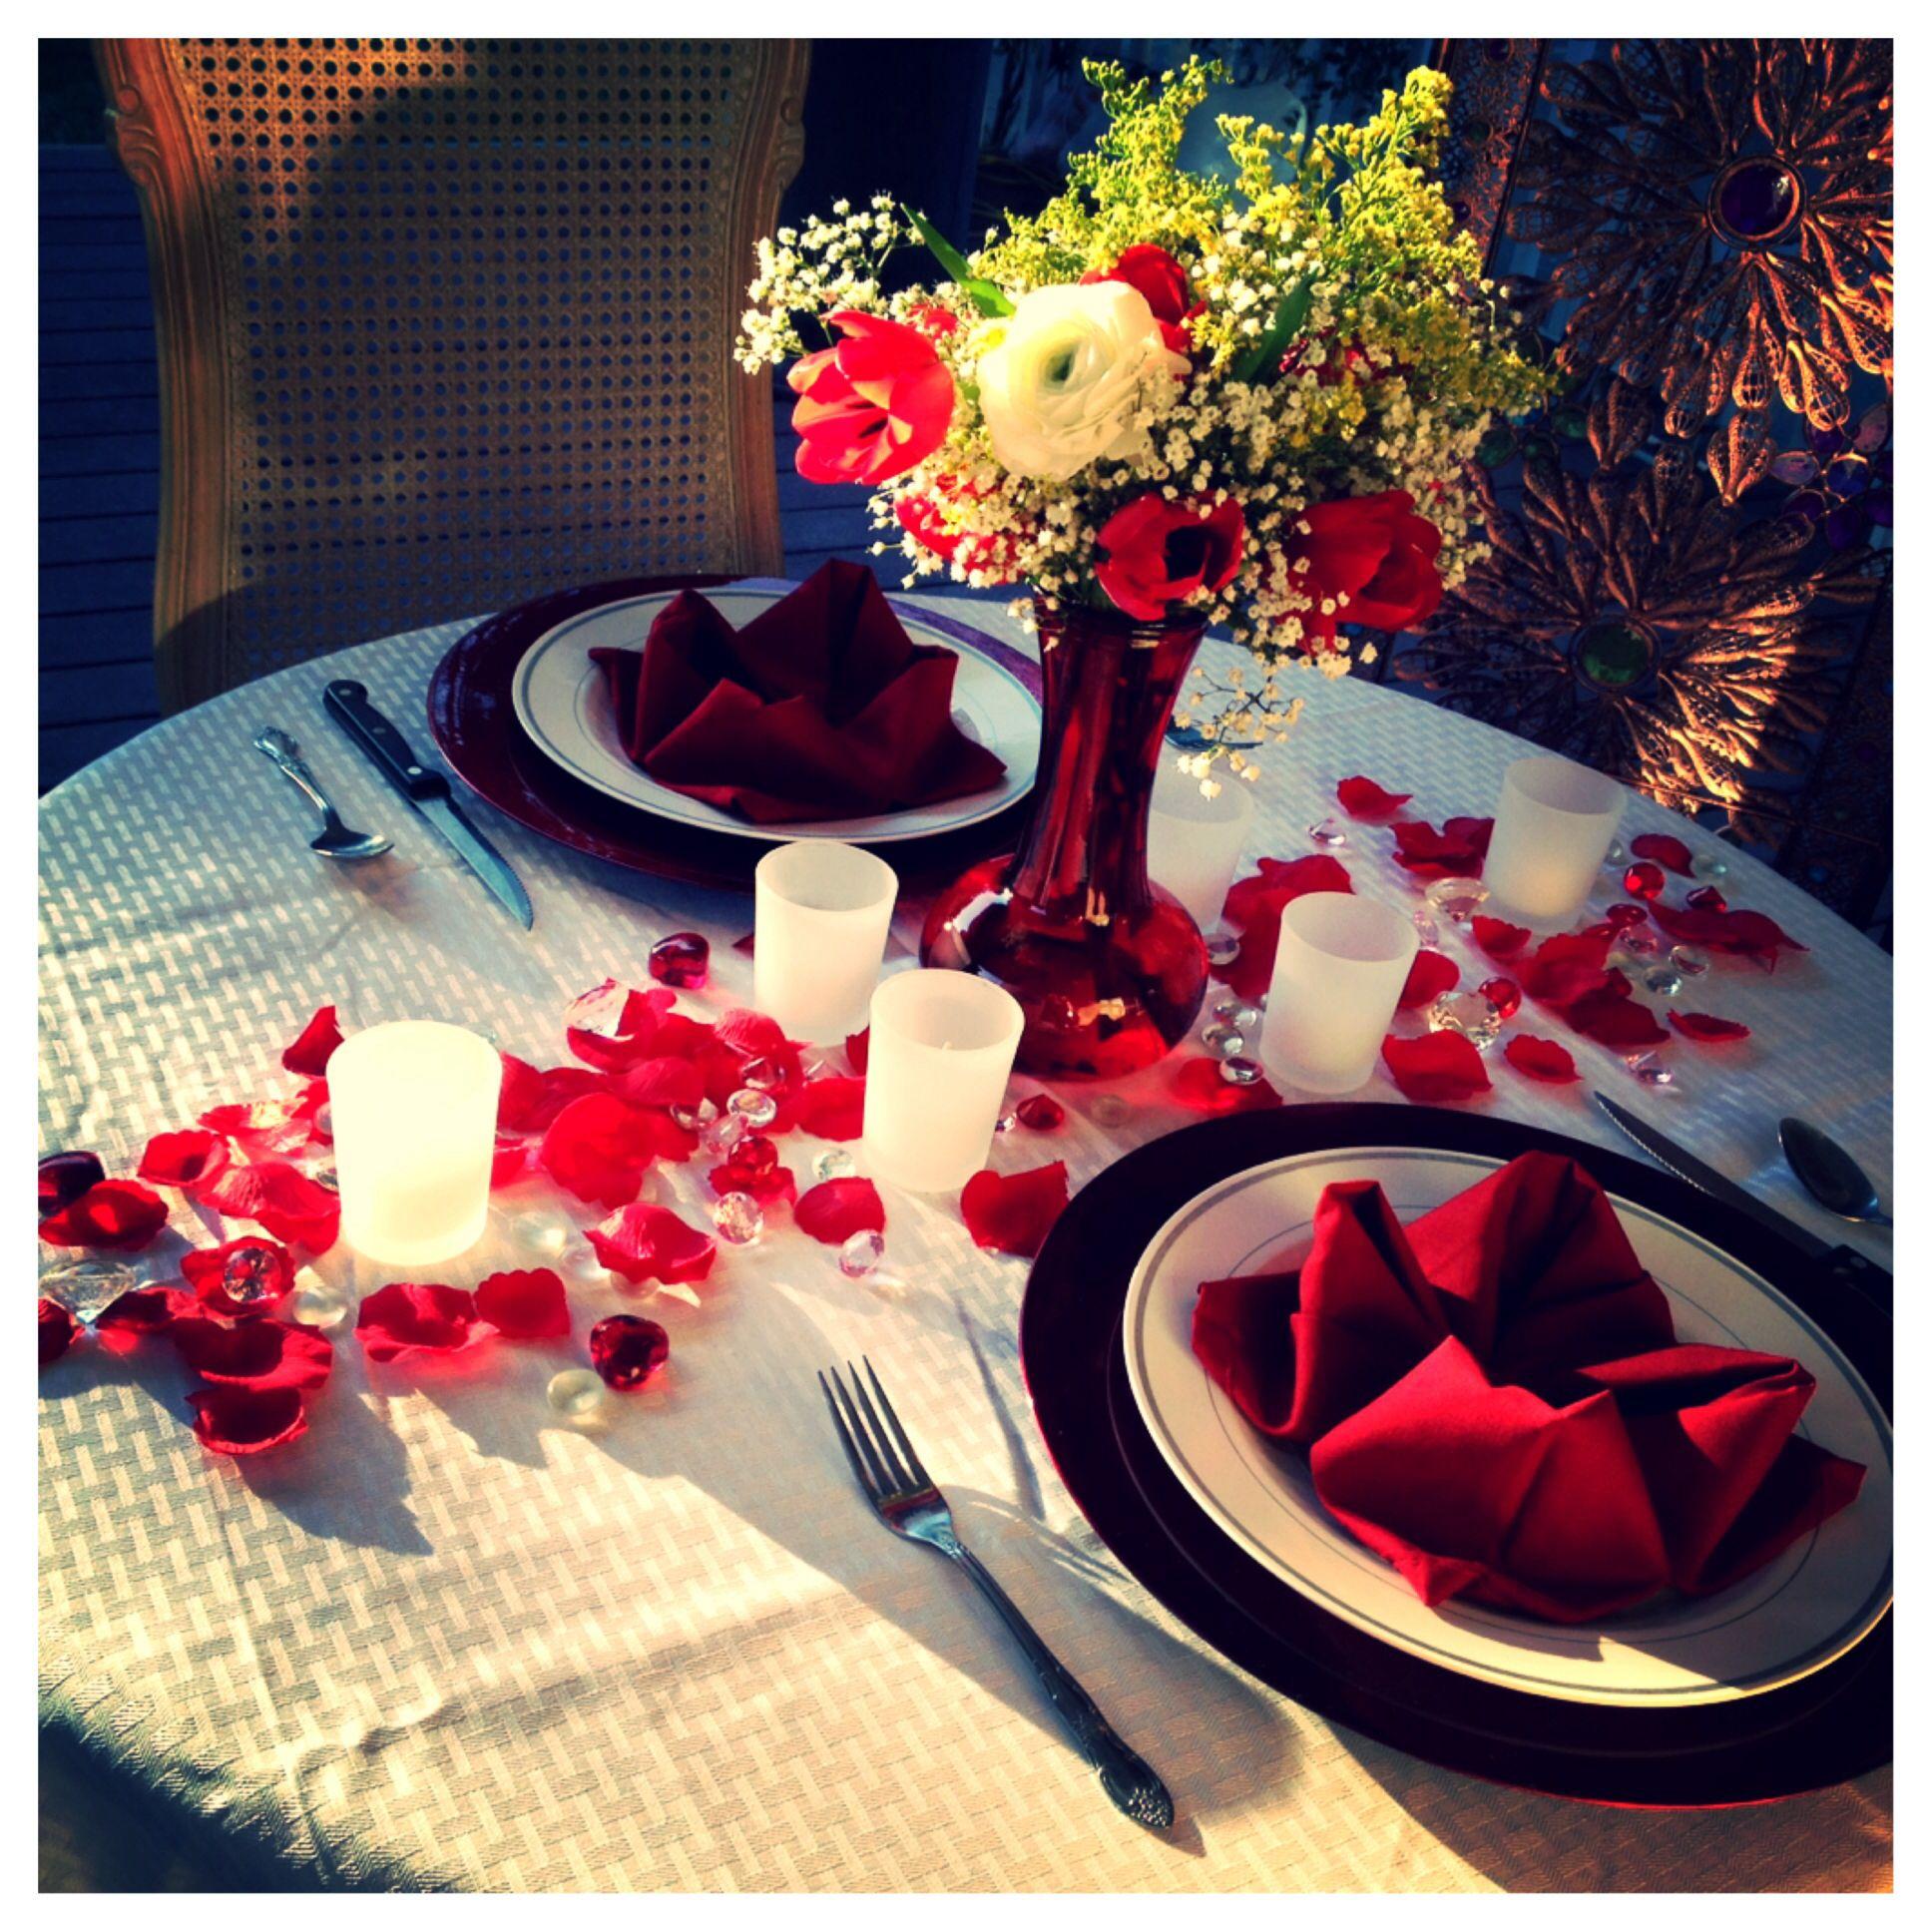 Gesunde romantische Abendessenideen für zwei